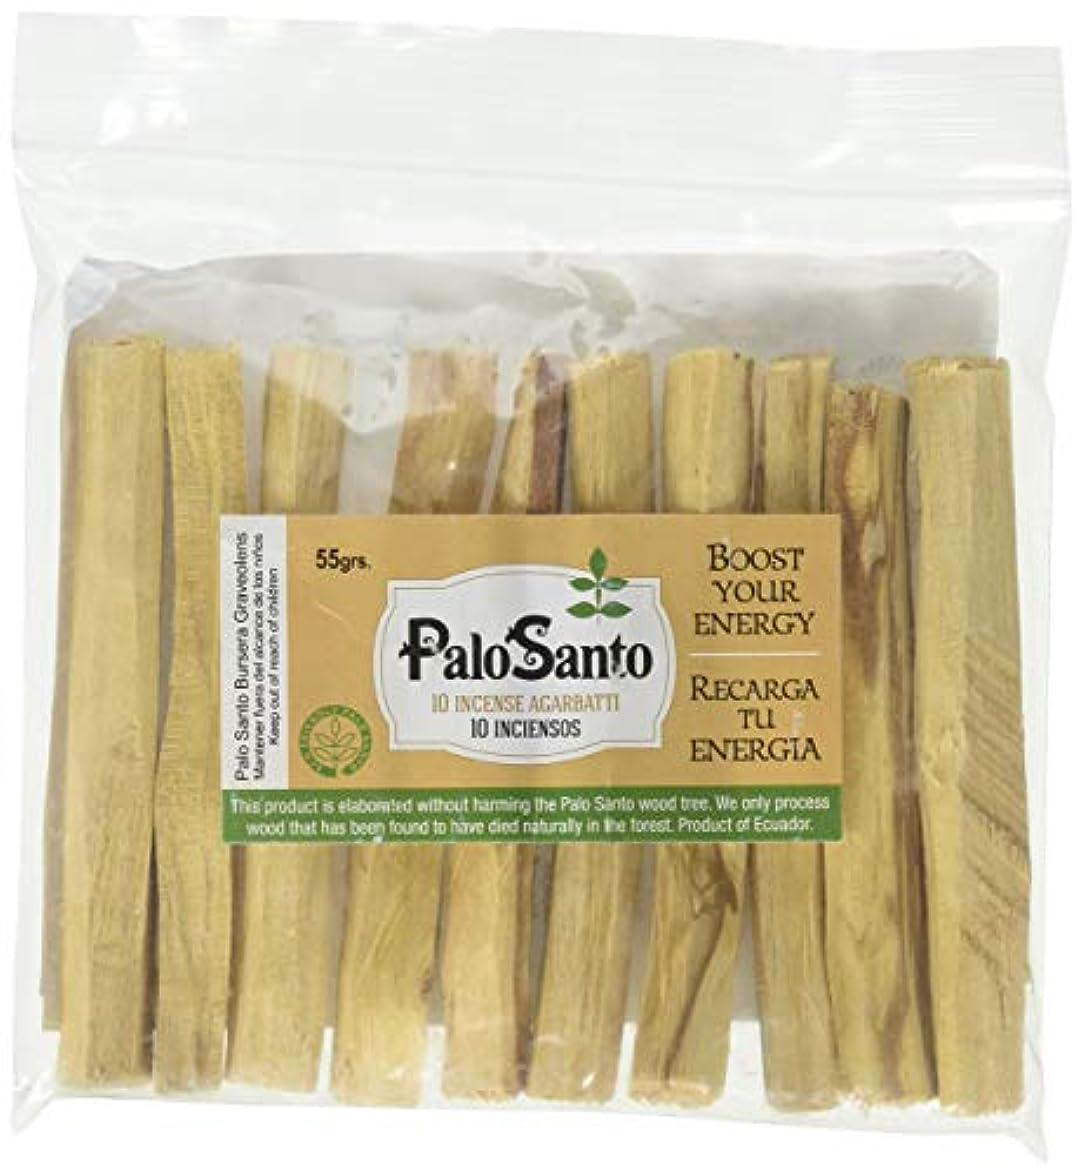 結び目大きいシステムプレミアムAuthenticエクアドルkiln-dried Palo Santo ( Holy Wood ) Insence Sticks ( 10 )、野生の収穫、100 %自然のPurifying、クレンジング、ヒーリング、瞑想とStress Relief